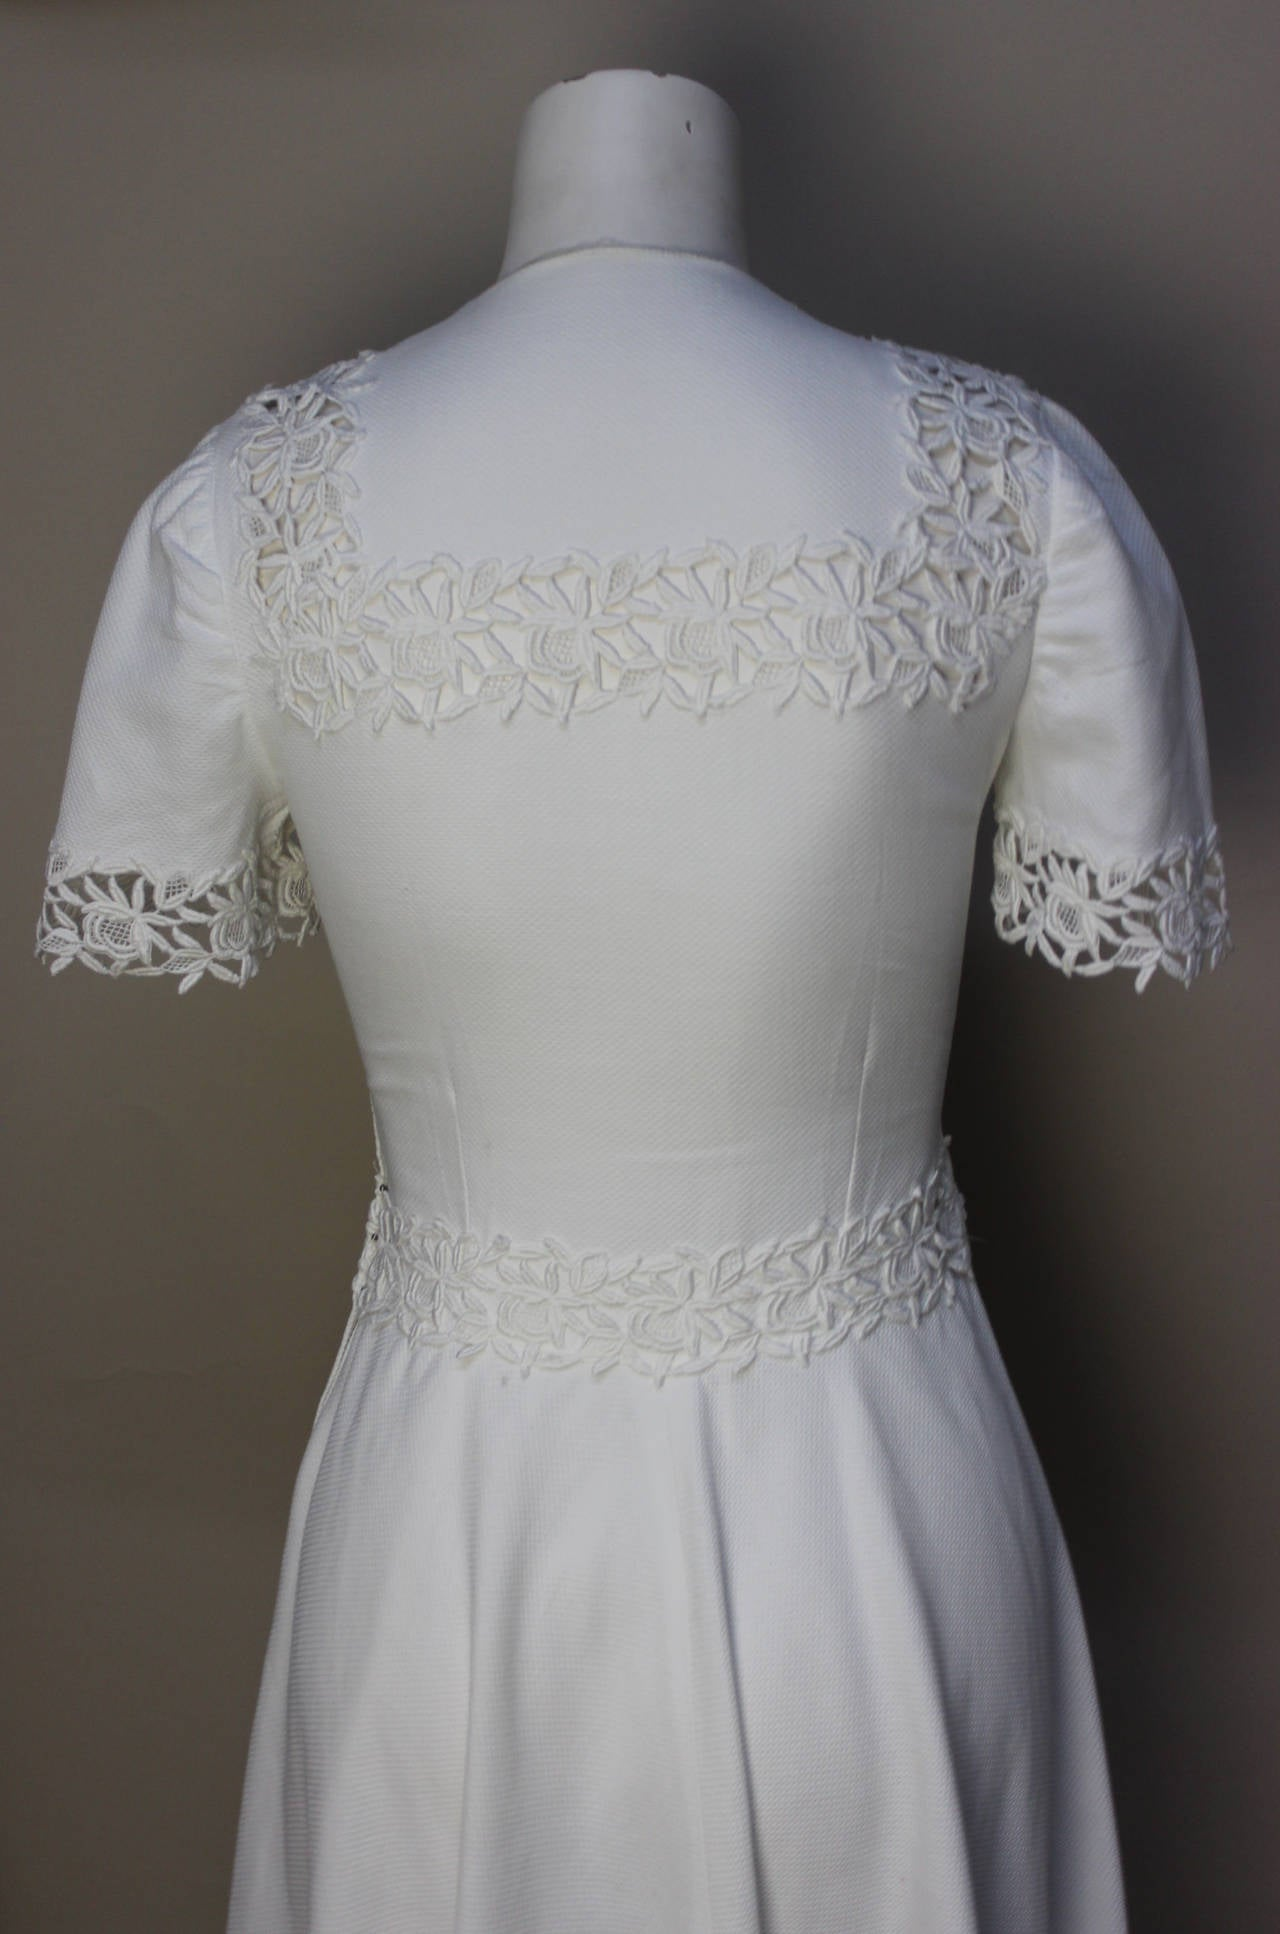 1940s/1950s Lawn Party White Pique Dress 4